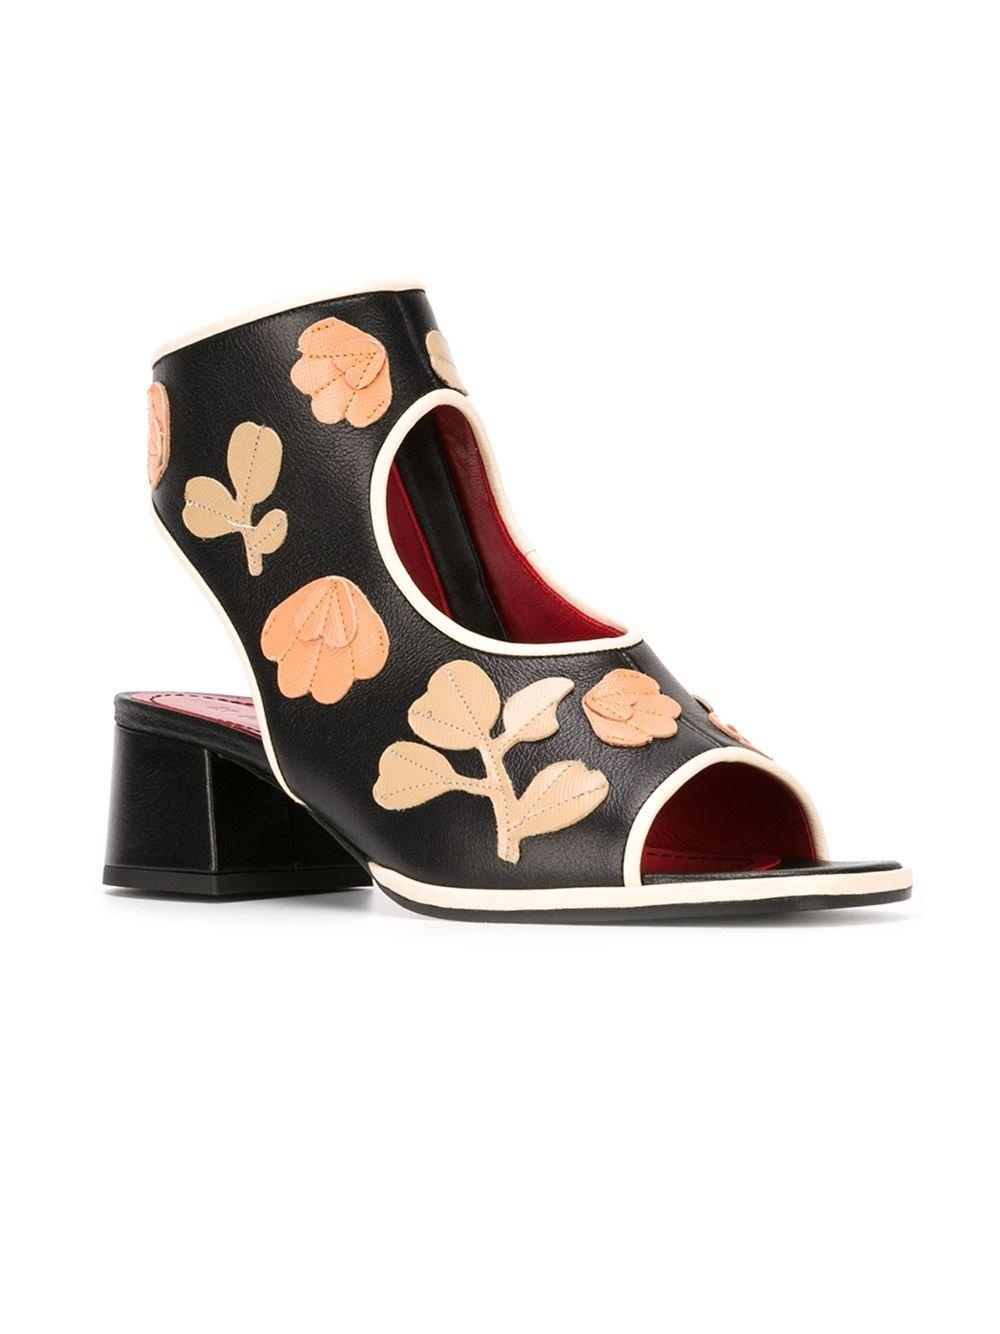 Marni floral applique sandals cheap shipping discount sale cheap sale popular deals brand new unisex sale online cw6j0Blp